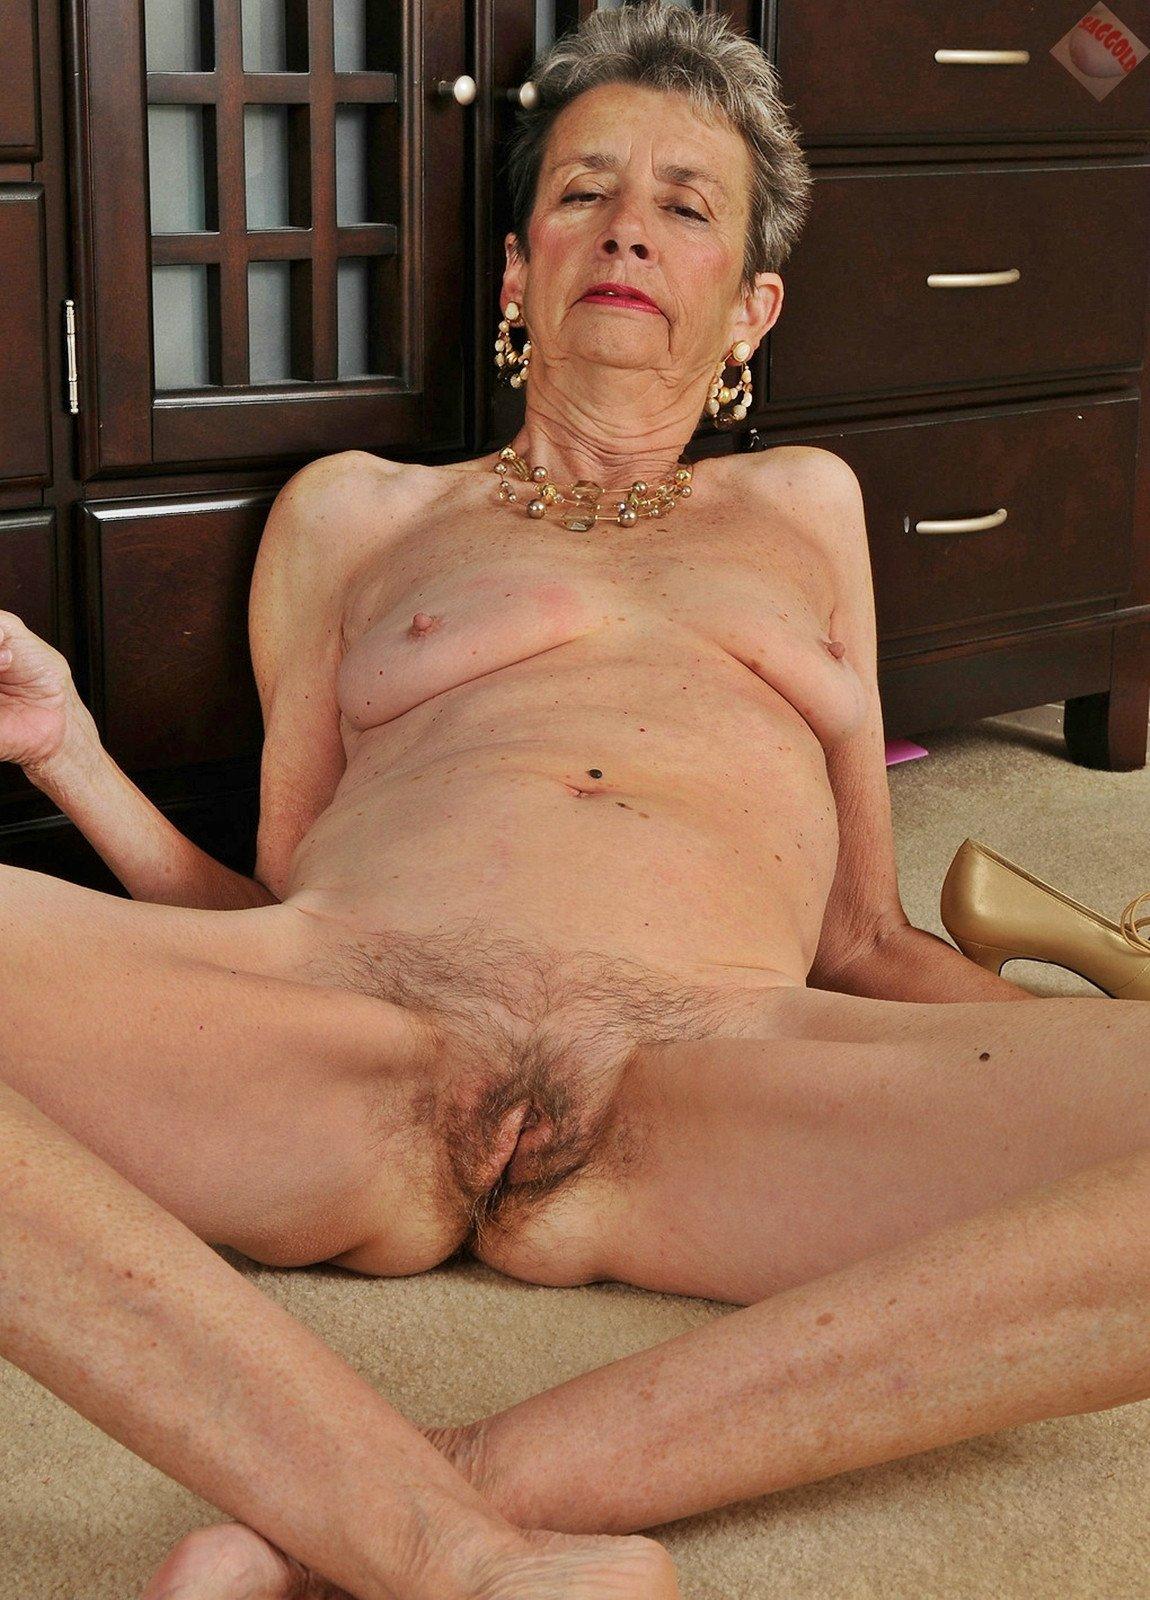 Norwegian Granny Facial Porn nudist granny old sluts pics - sex hq images free. comments: 2